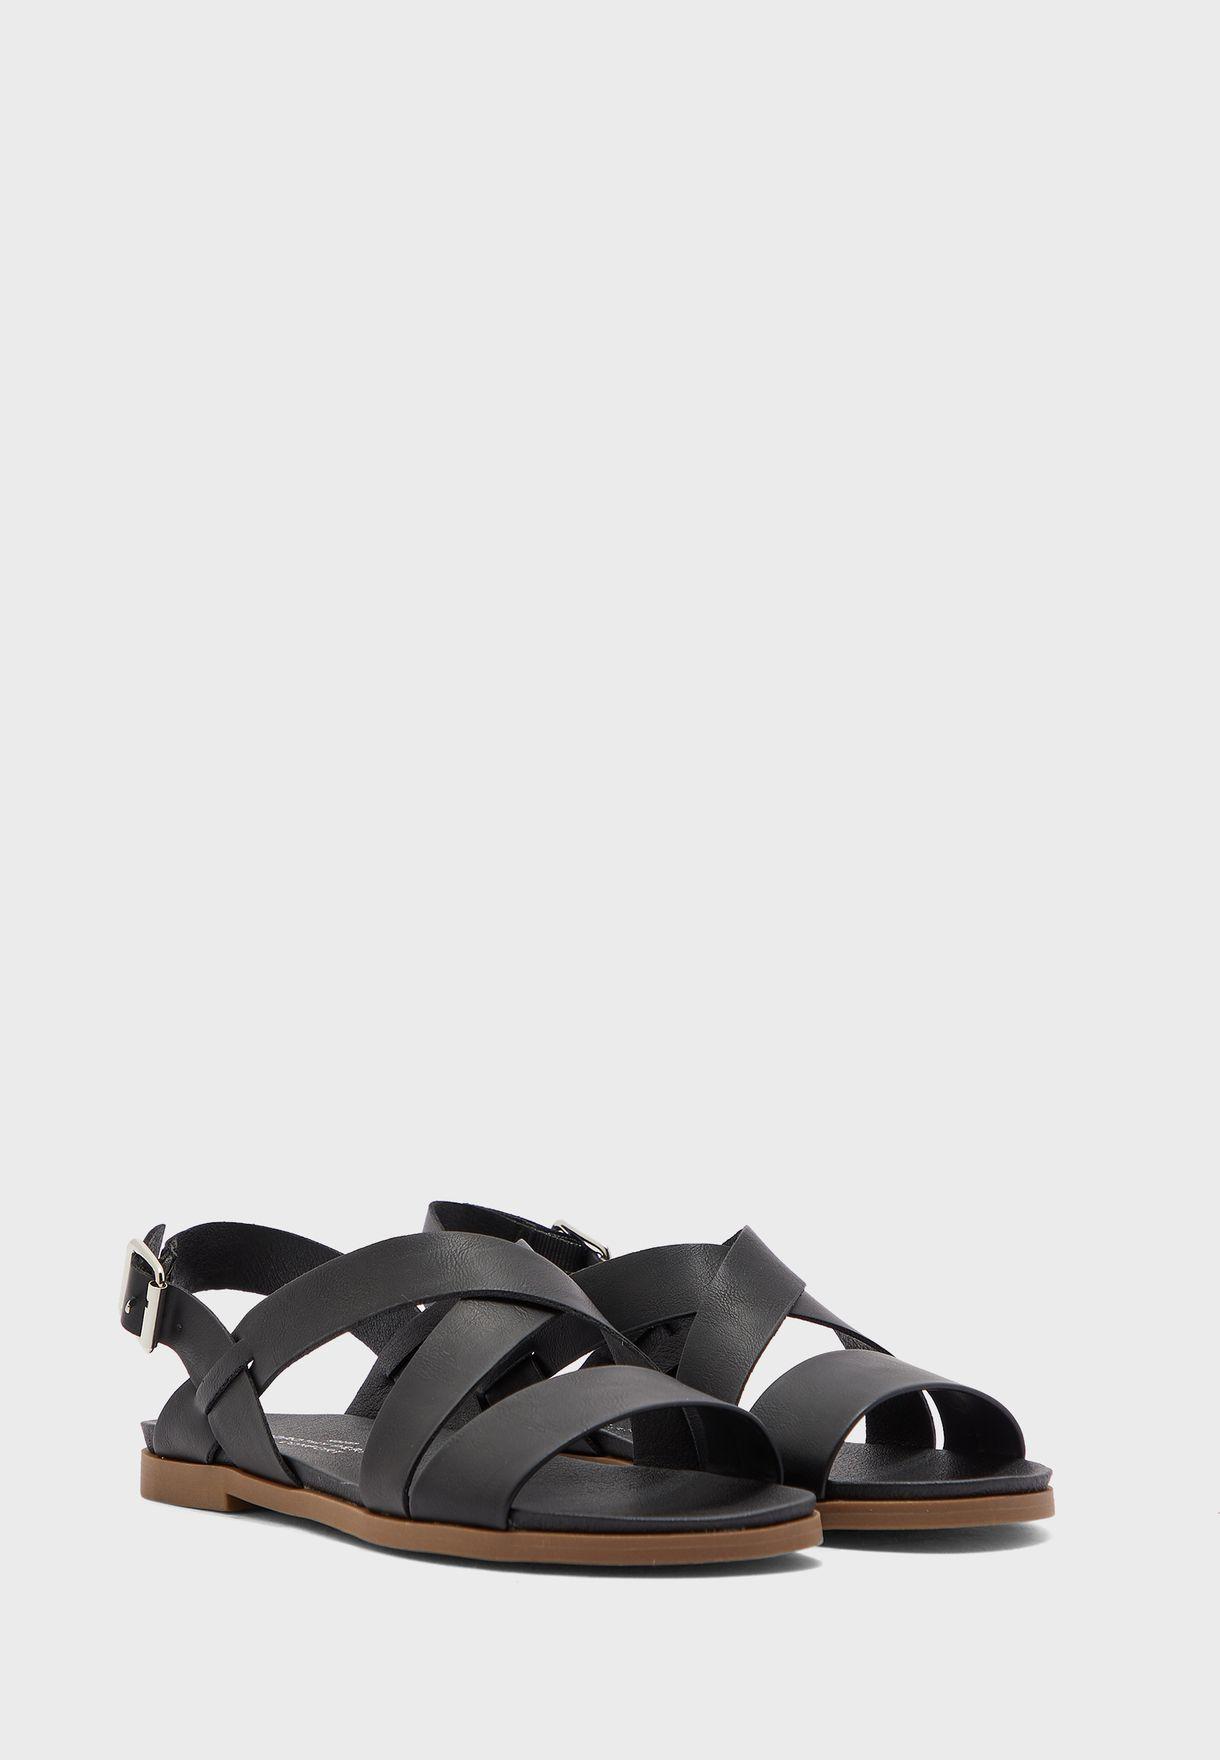 Franc Cross Over Comfort Sandal